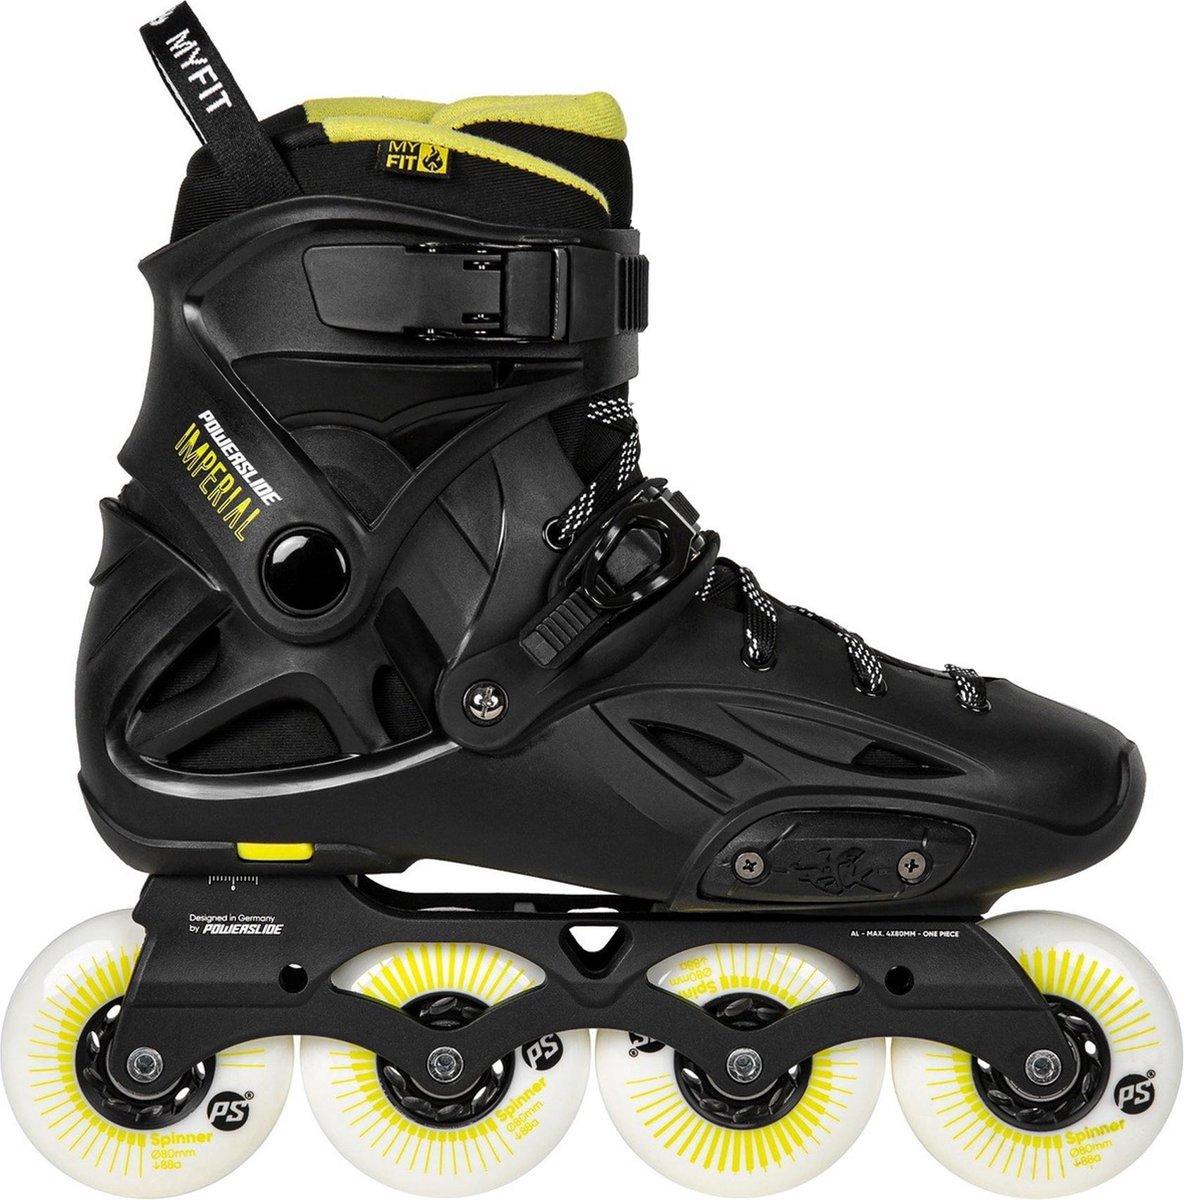 Powerslide Urban Imperial Skates Inlineskates - Maat 37/38 - Unisex - zwart/geel